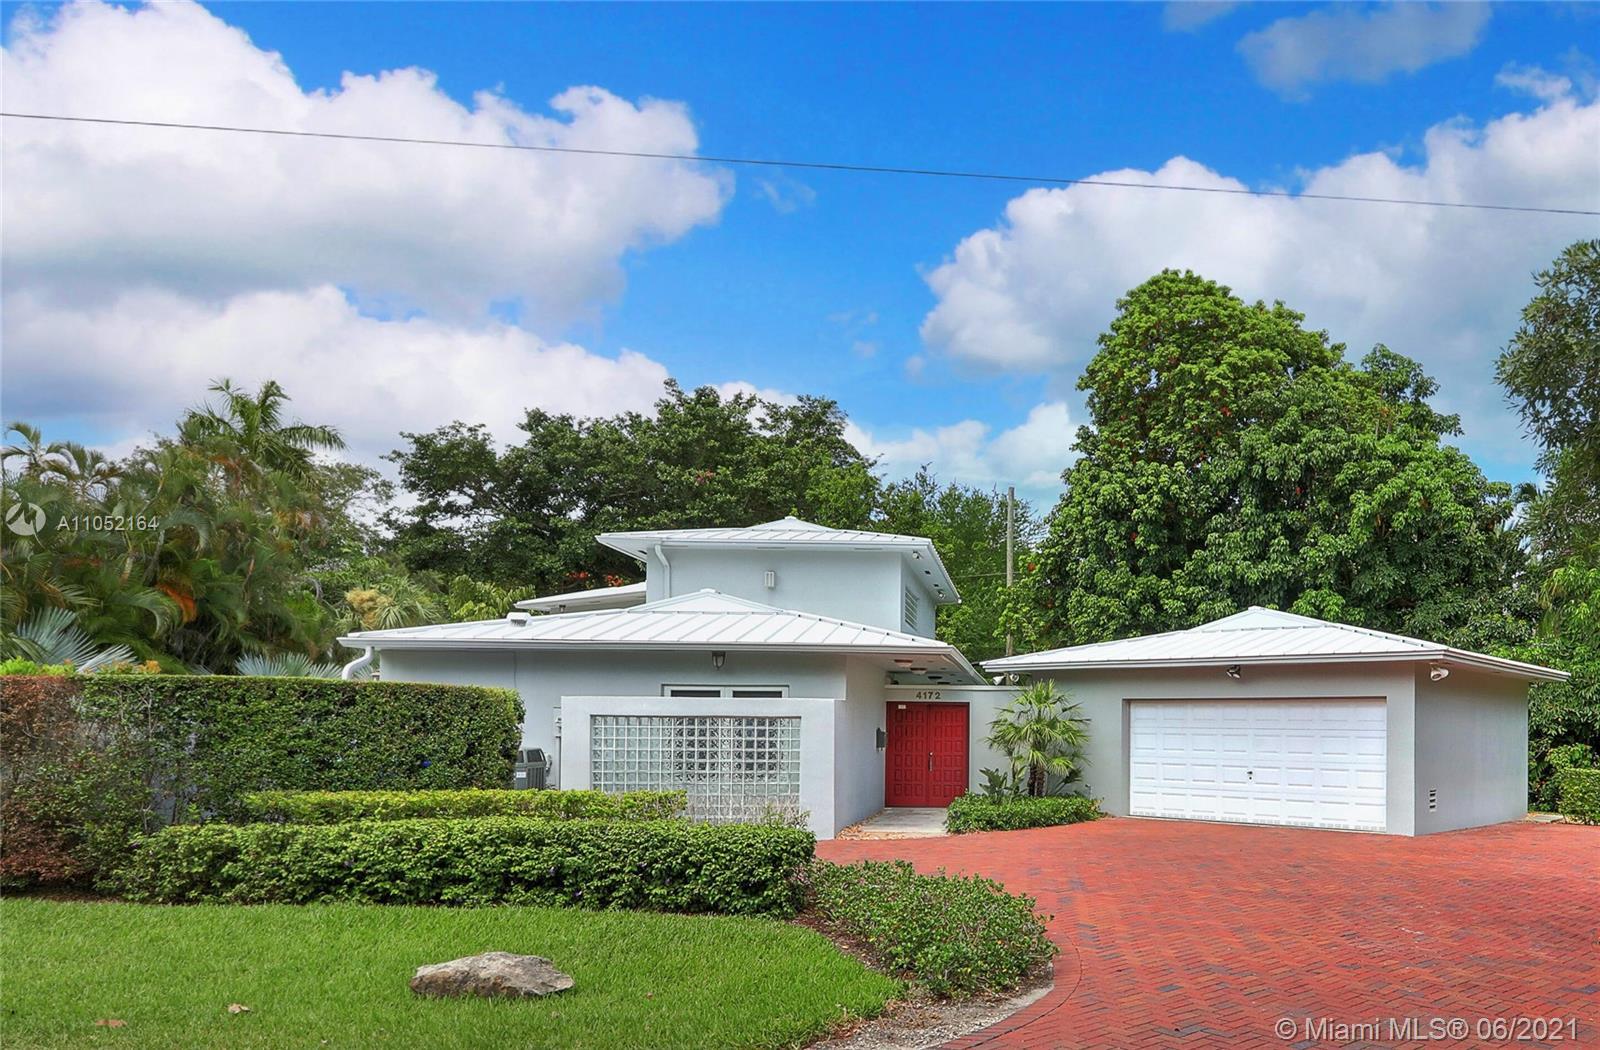 4172 S Douglas Rd  For Sale A11052164, FL